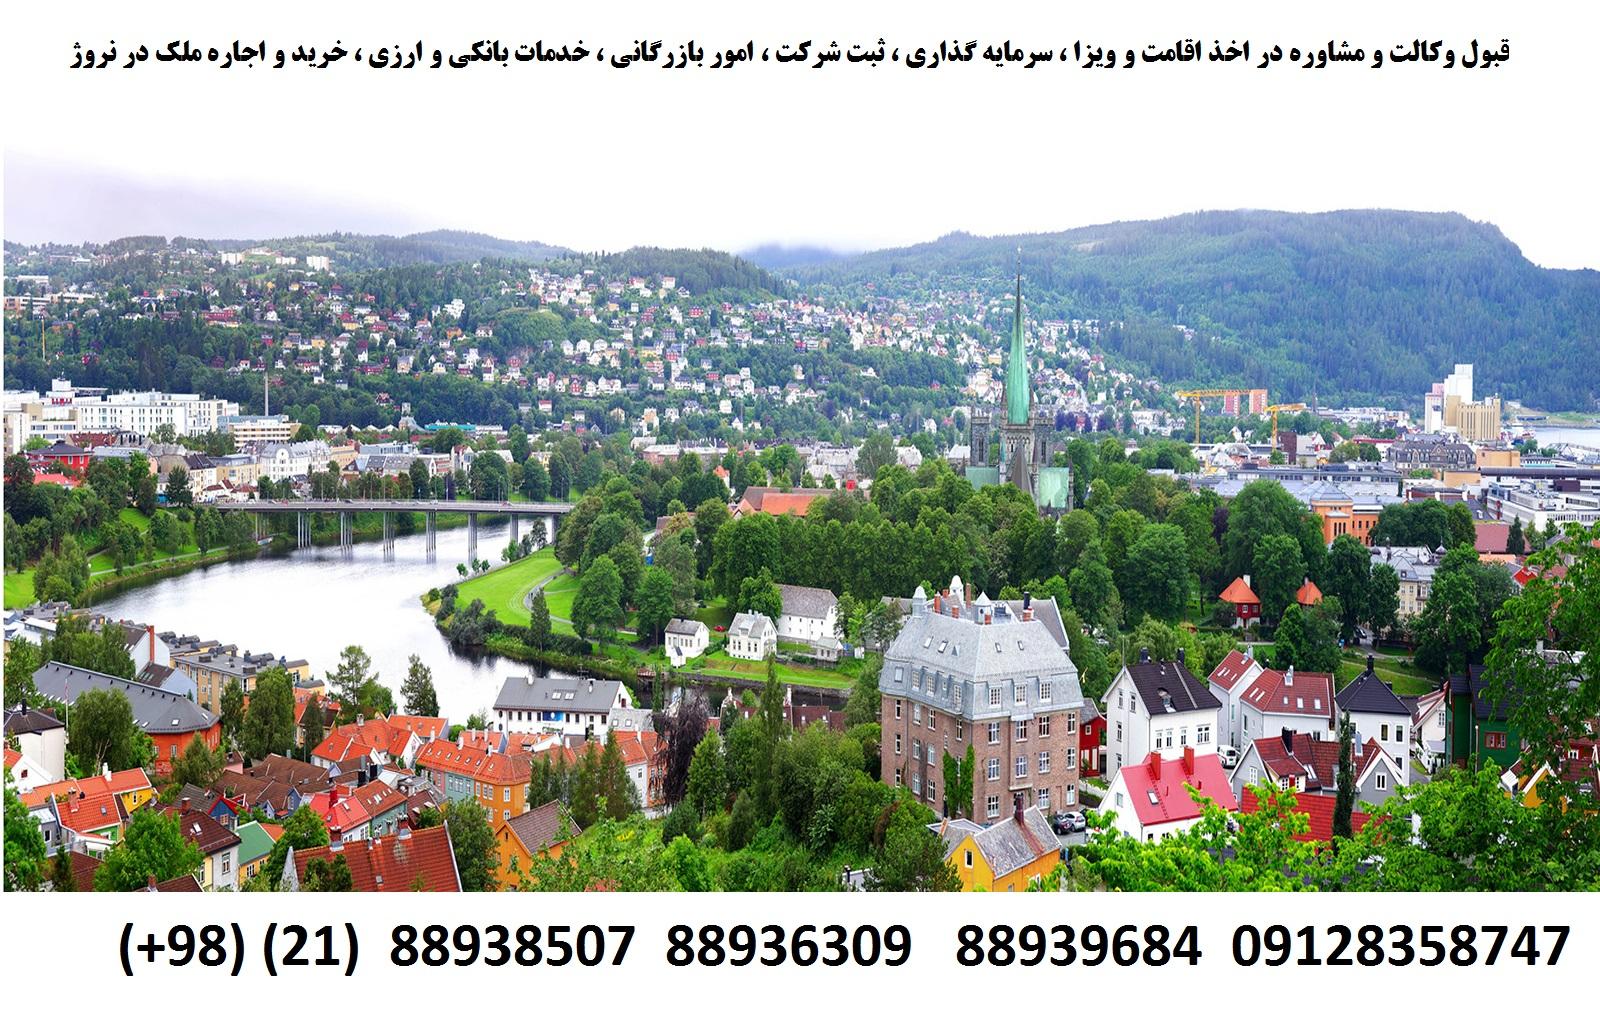 اقامت ، اخذ ویزا ، ثبت شرکت ، سرمایه گذاری در نروژ (6)